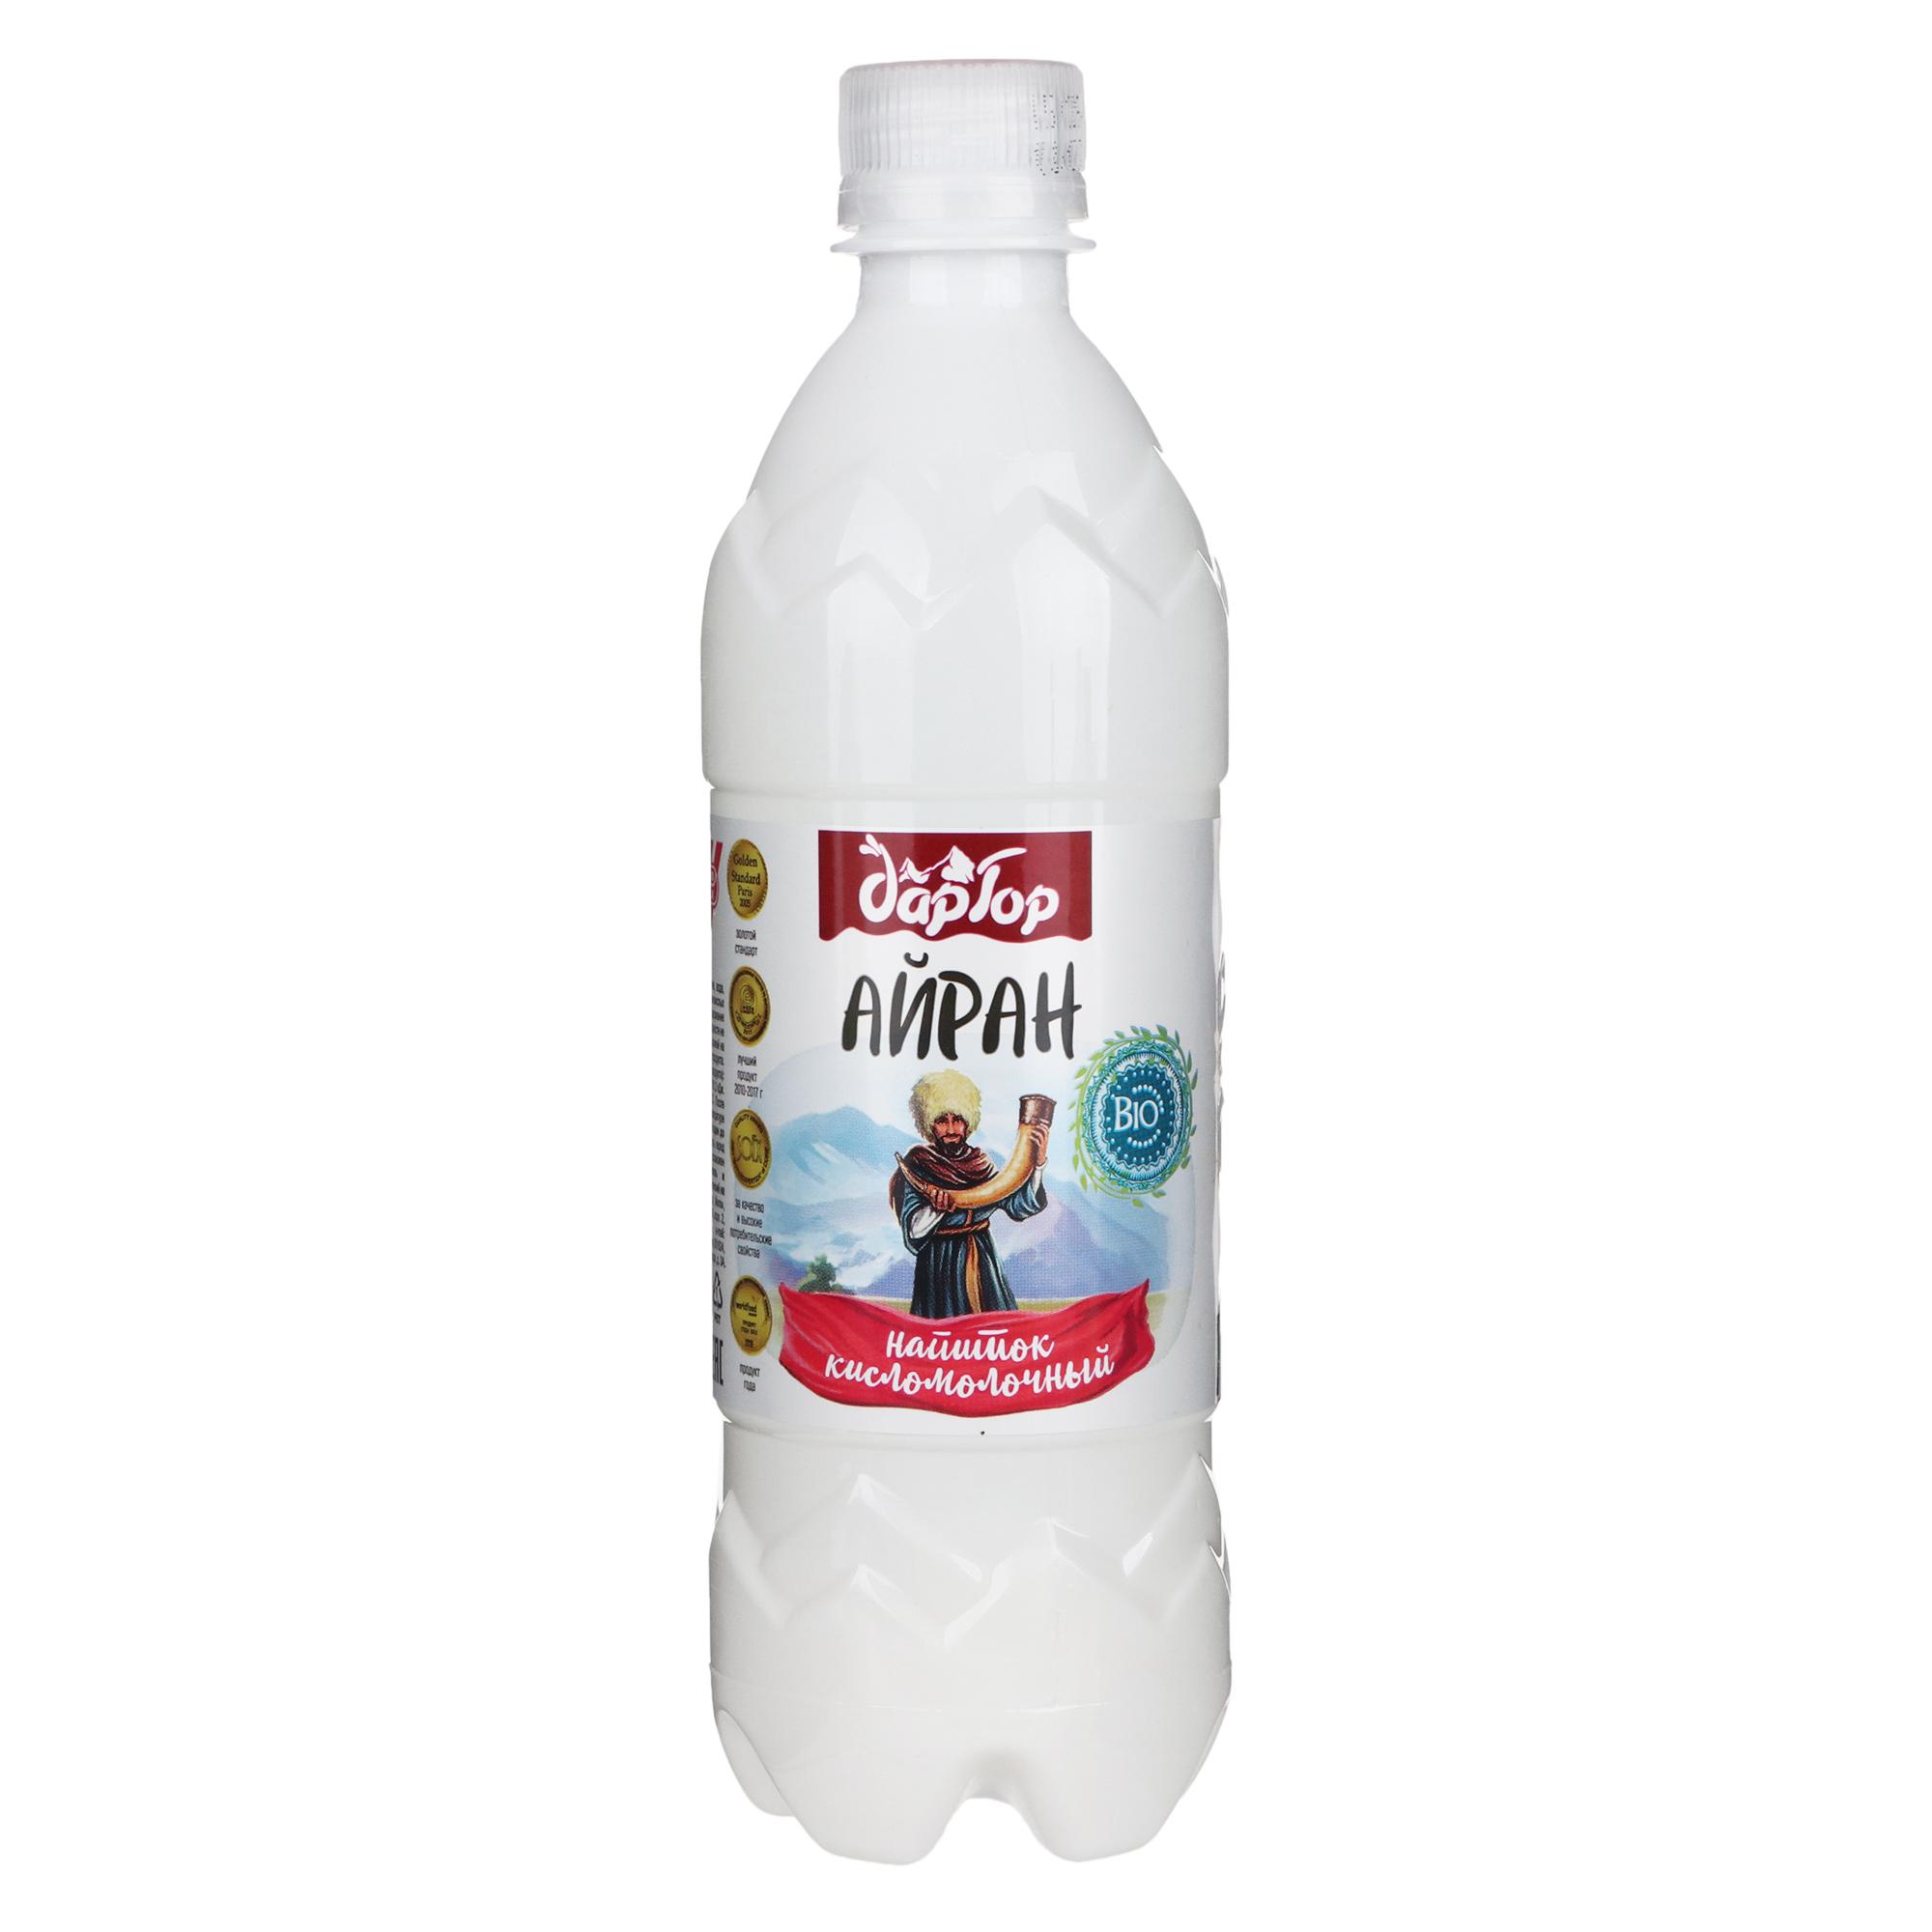 Напиток кисломолочный Дар Гор Айран 1,8% 0,5 л недорого